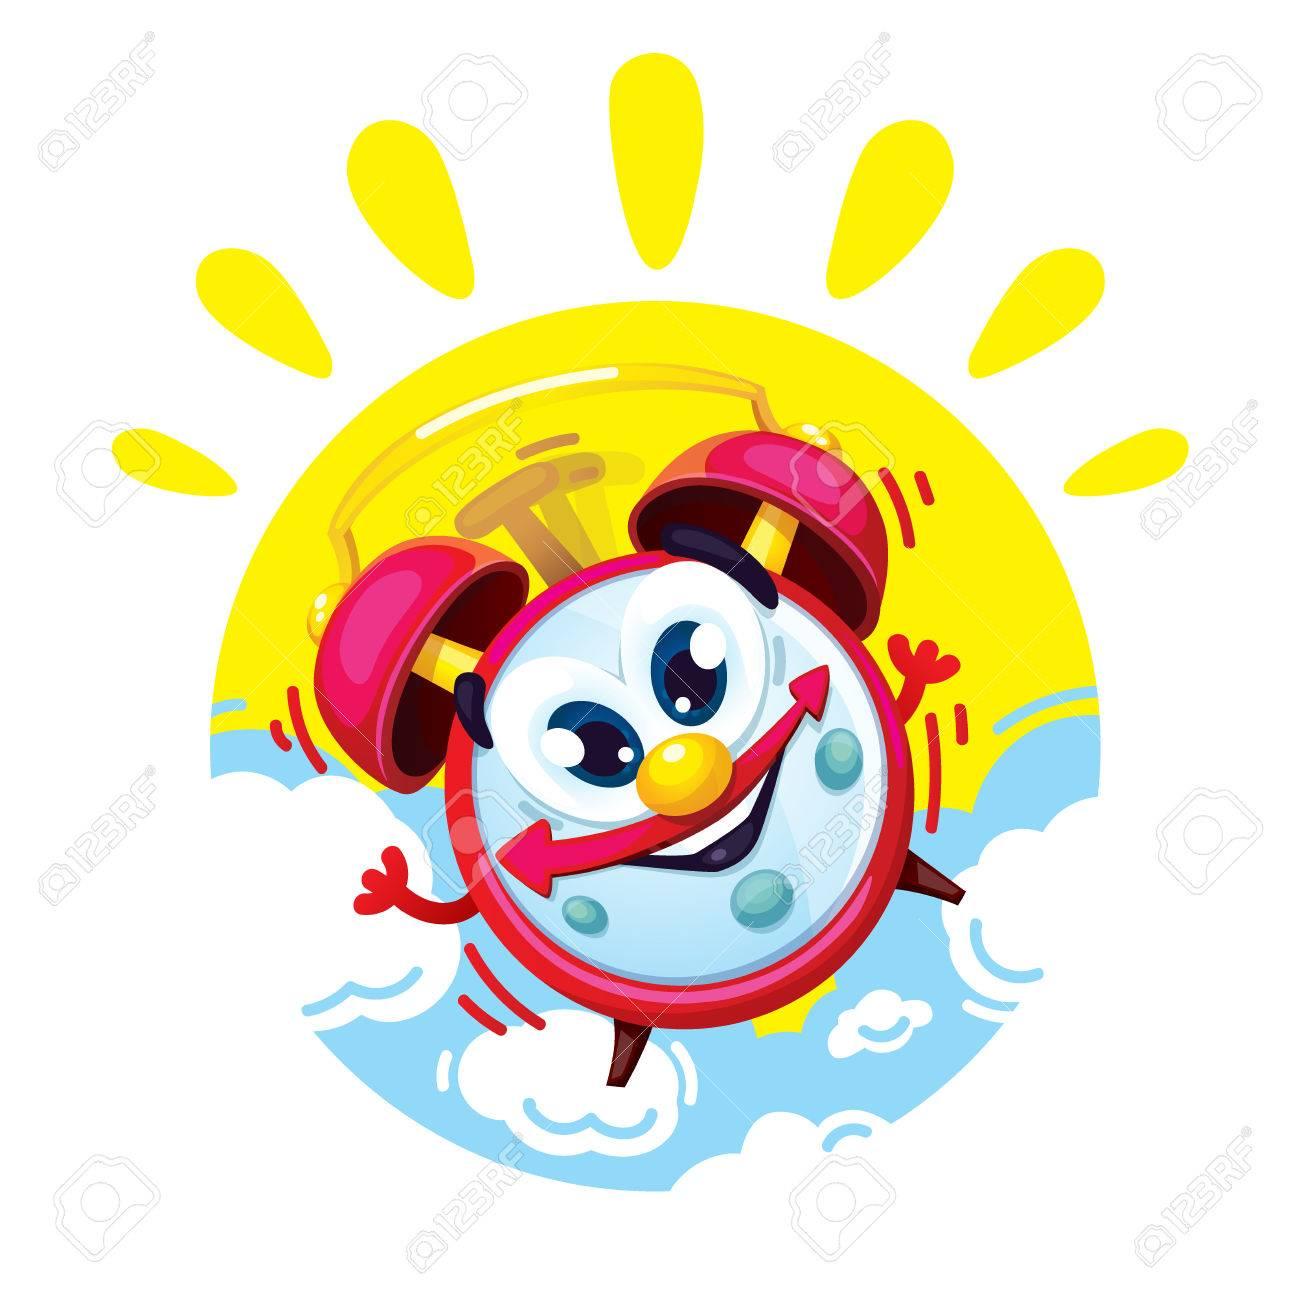 Del El Las Cómico Niños Sol Despertador Rojo Dibujos Buenos Patrón Y NubesVector Ilustración Aislados Un De En Días Los Animados 80ZOkNnwPX